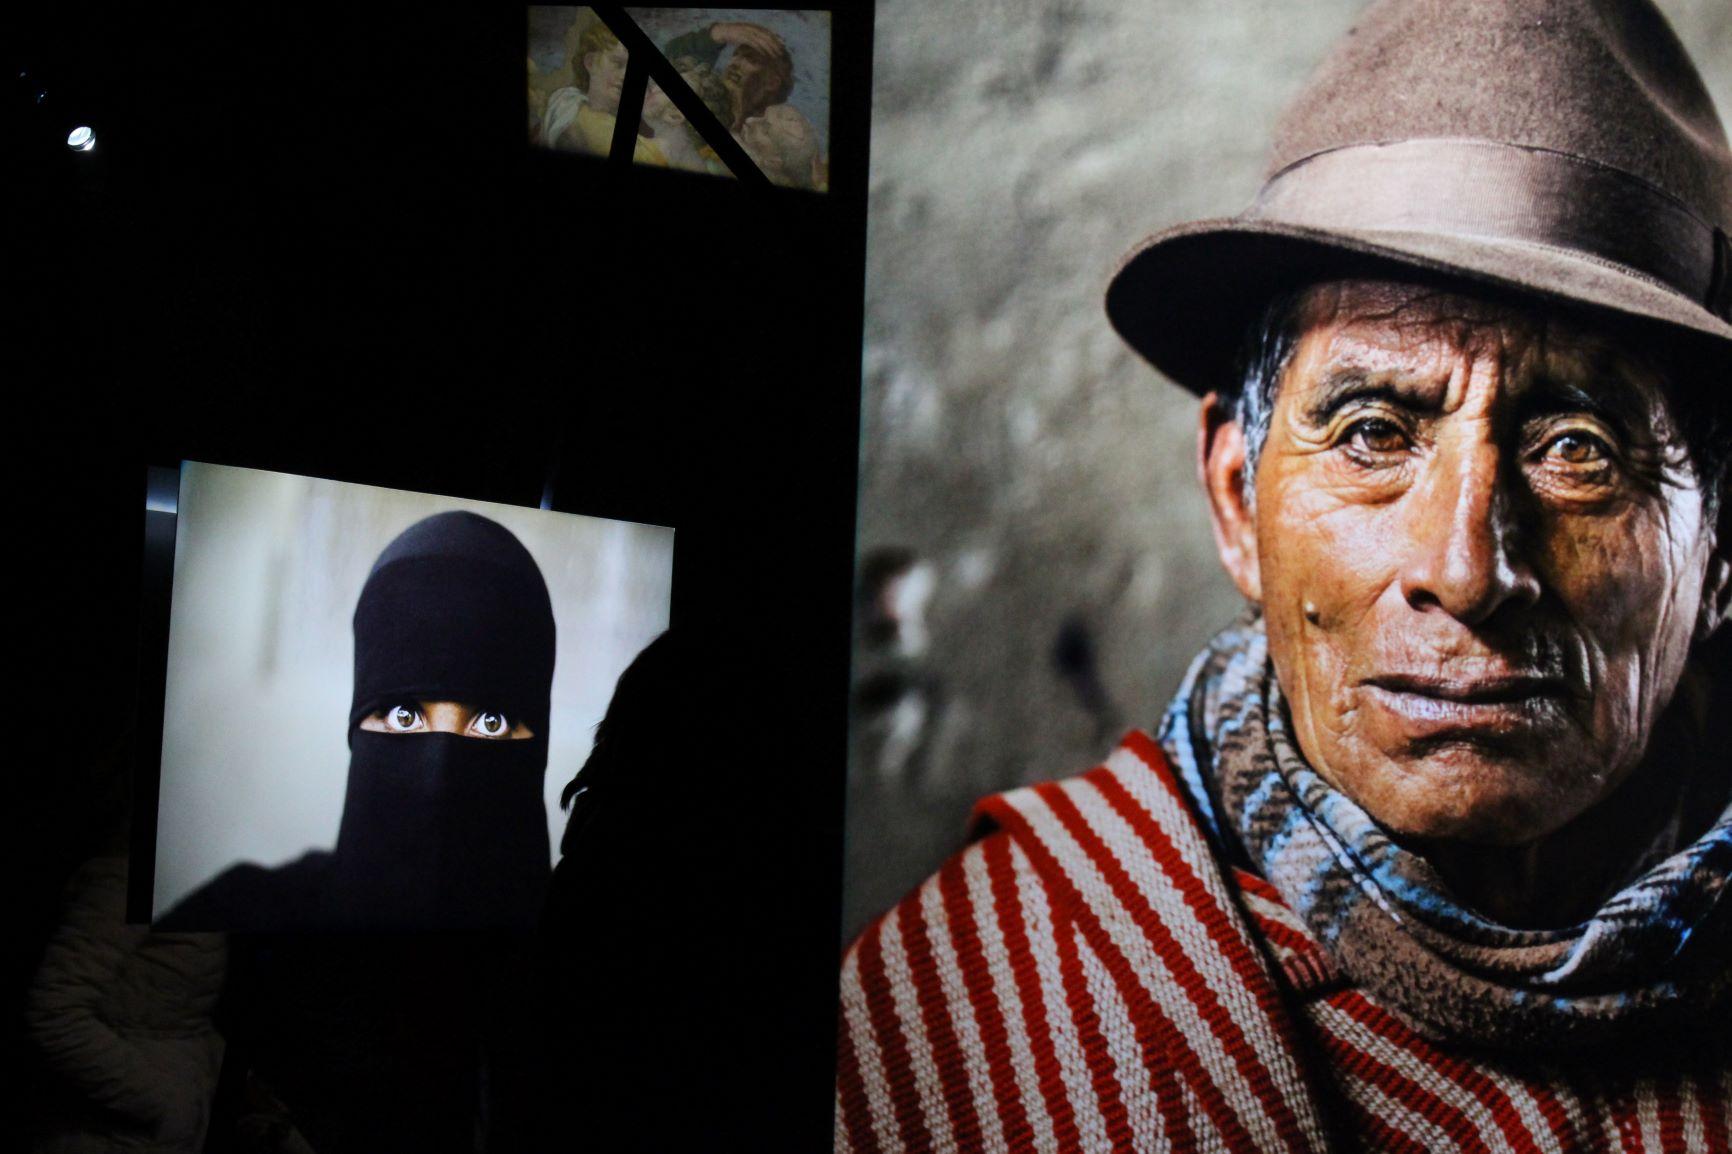 Una testa, un volto. Pari nelle differenze. Ph. Fabio Ezio Solinas